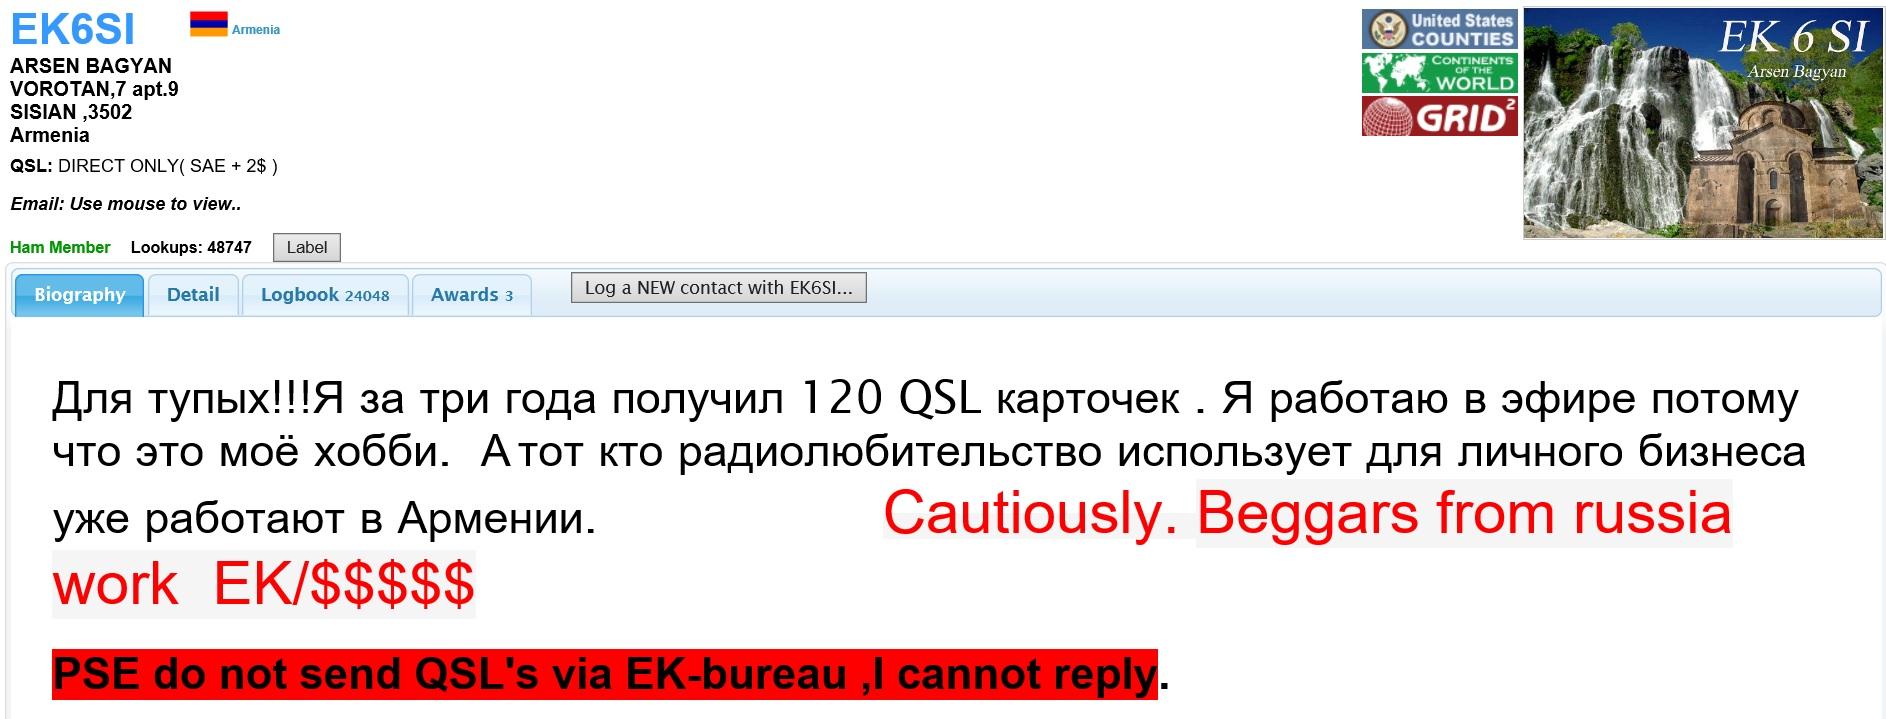 Нажмите на изображение для увеличения.  Название:EK6SI.jpg Просмотров:18 Размер:300.2 Кб ID:183881